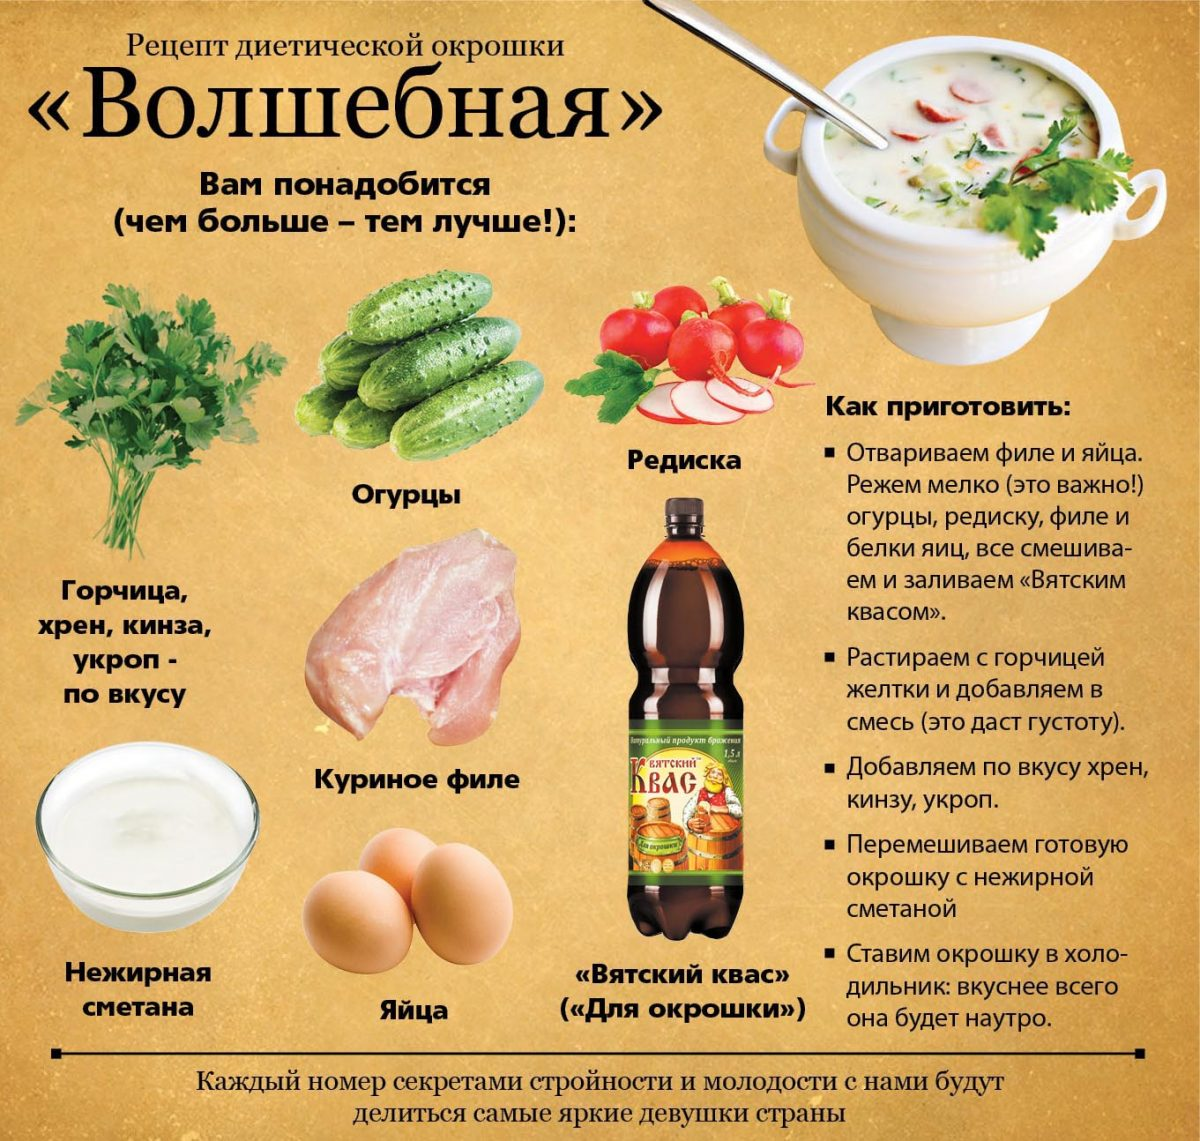 Естественный Рецепт Похудения. 15 эффективных средств для похудения в домашних условиях всего за 2 недели